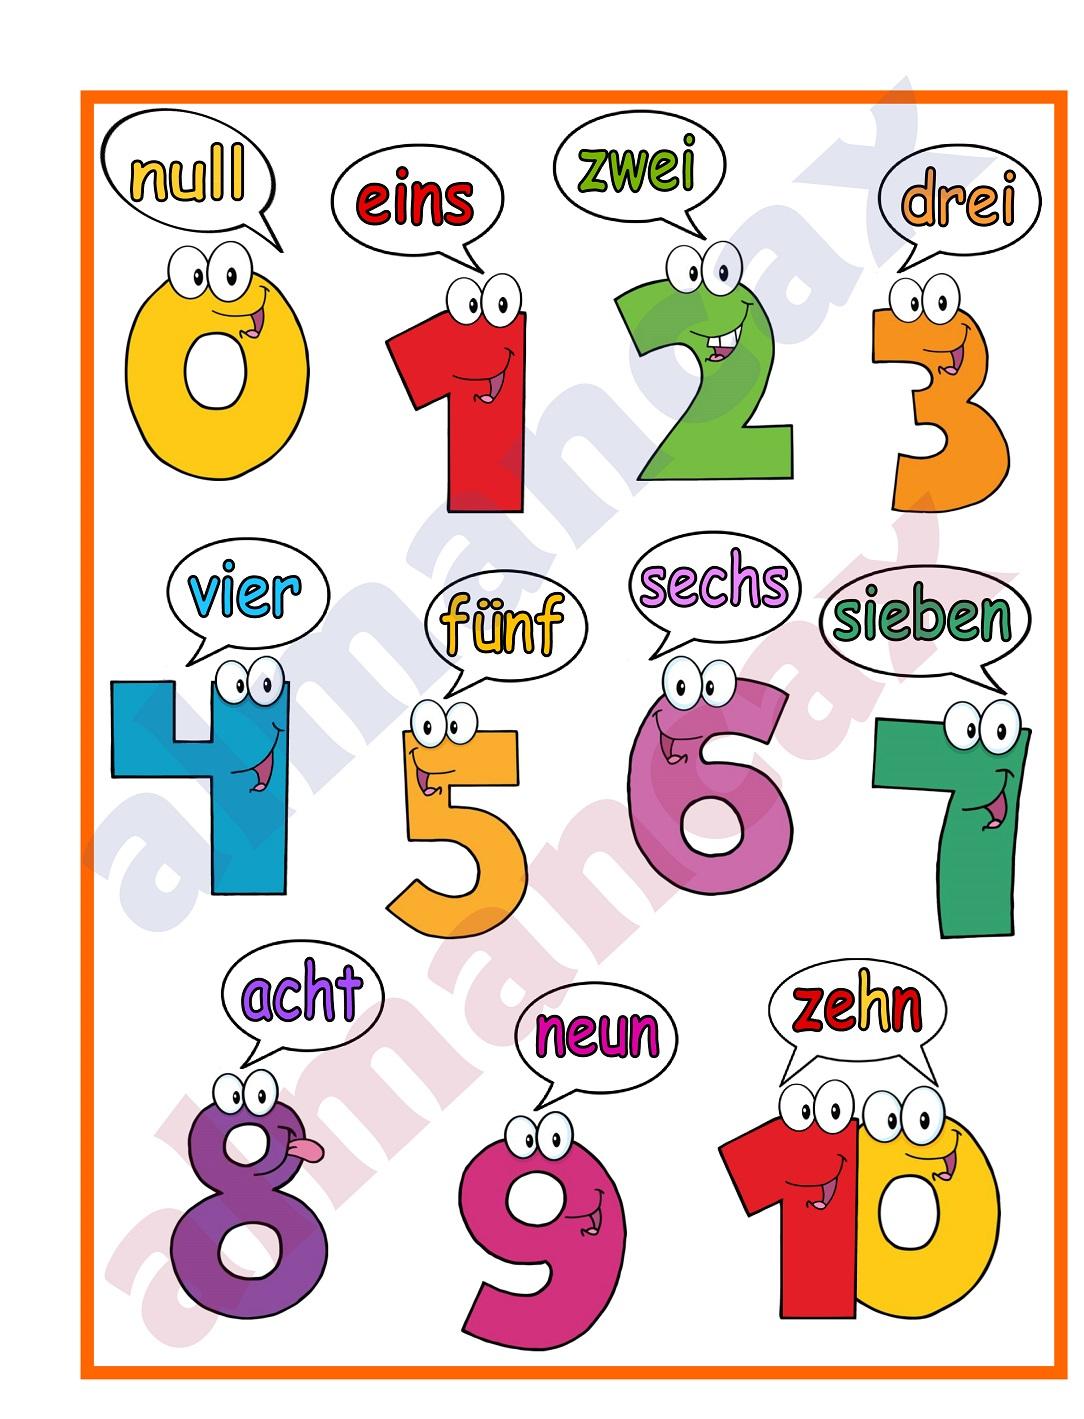 numéros em alemão